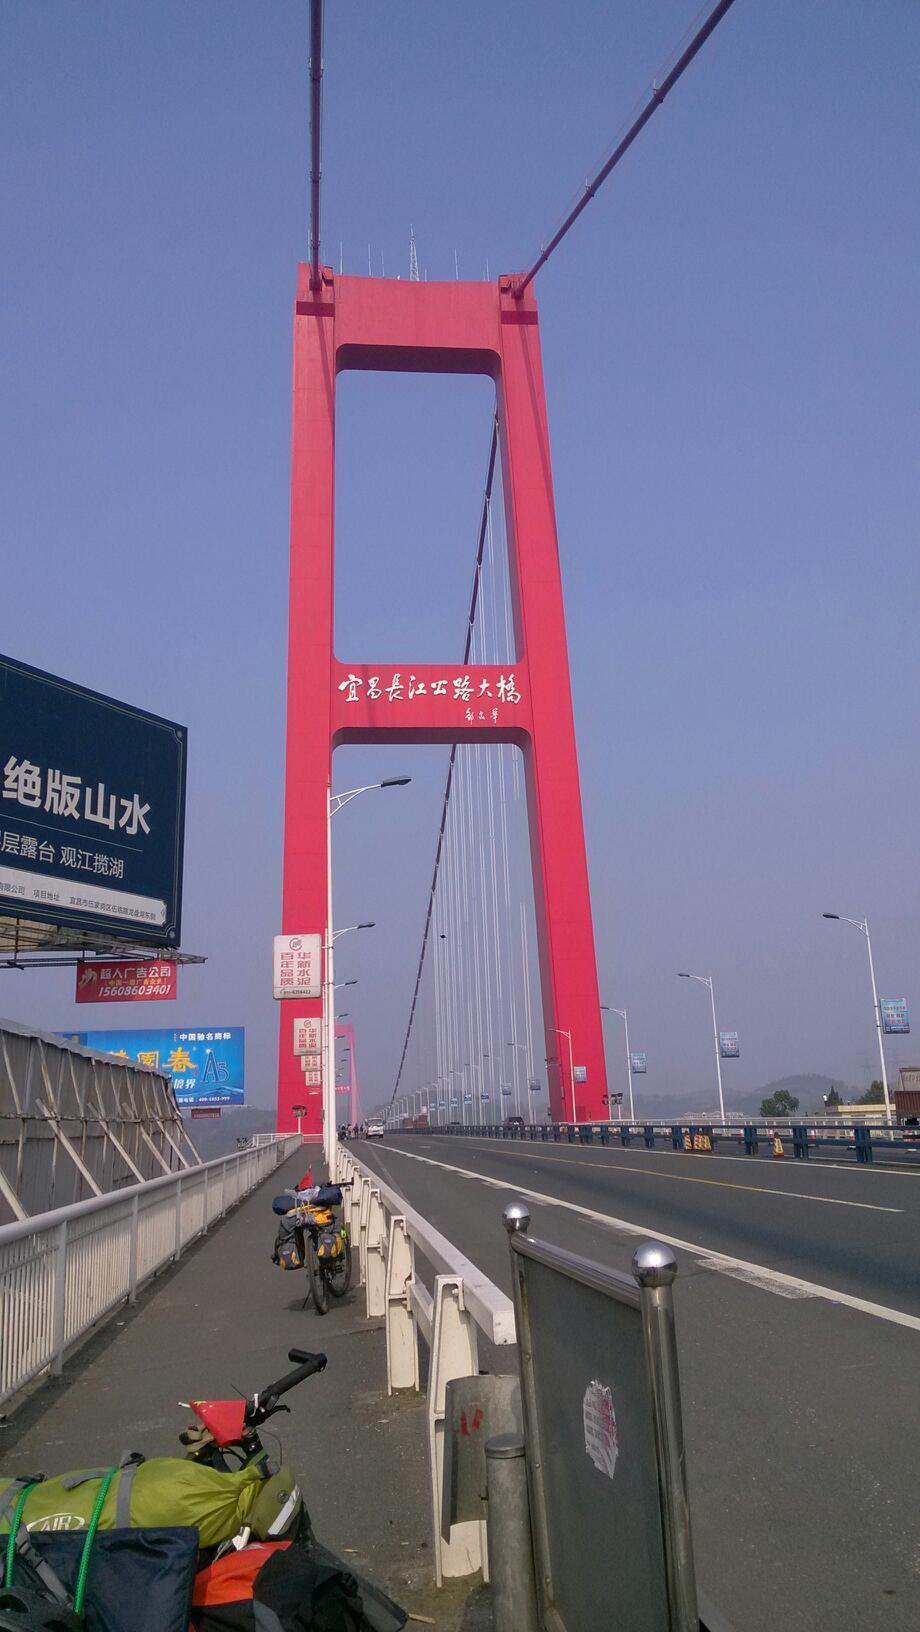 上海到西藏